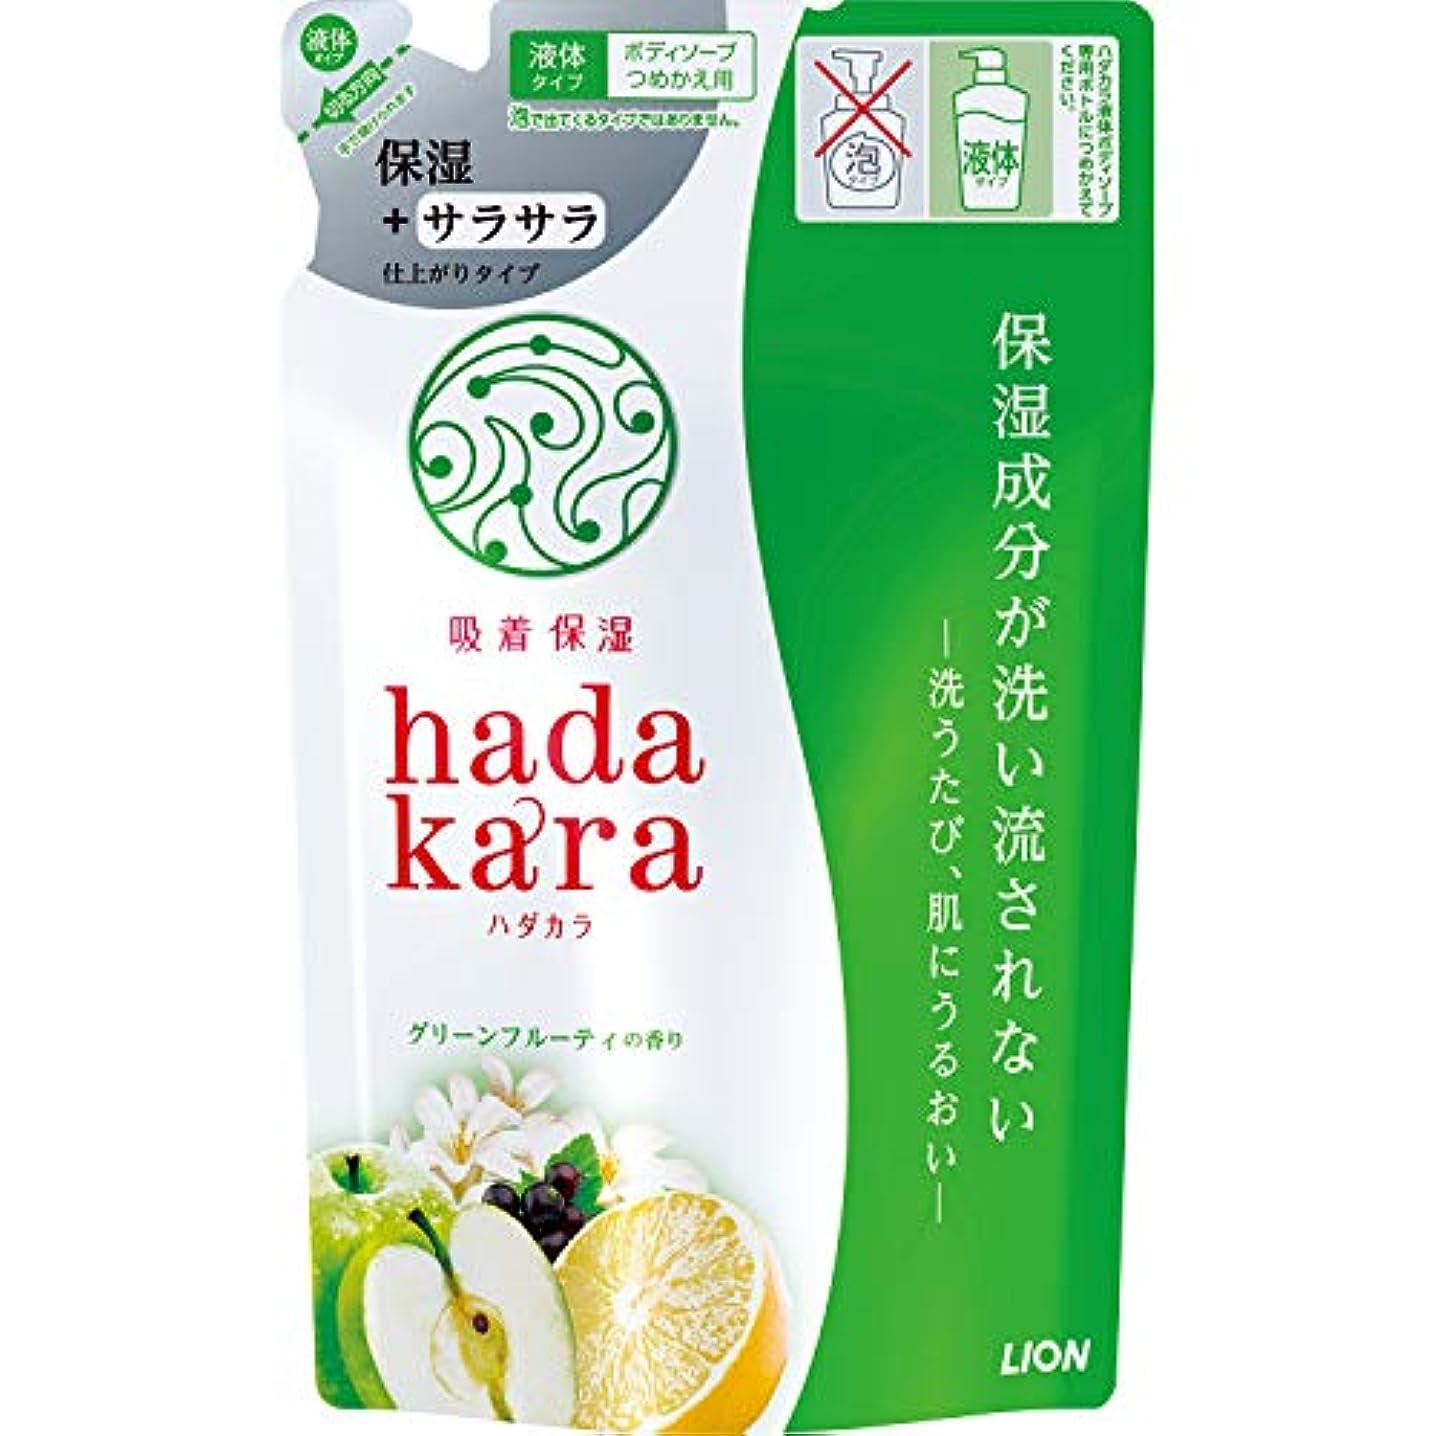 比較的不足散歩に行くhadakara(ハダカラ) ボディソープ 保湿+サラサラ仕上がりタイプ グリーンフルーティの香り 詰め替え 340ml